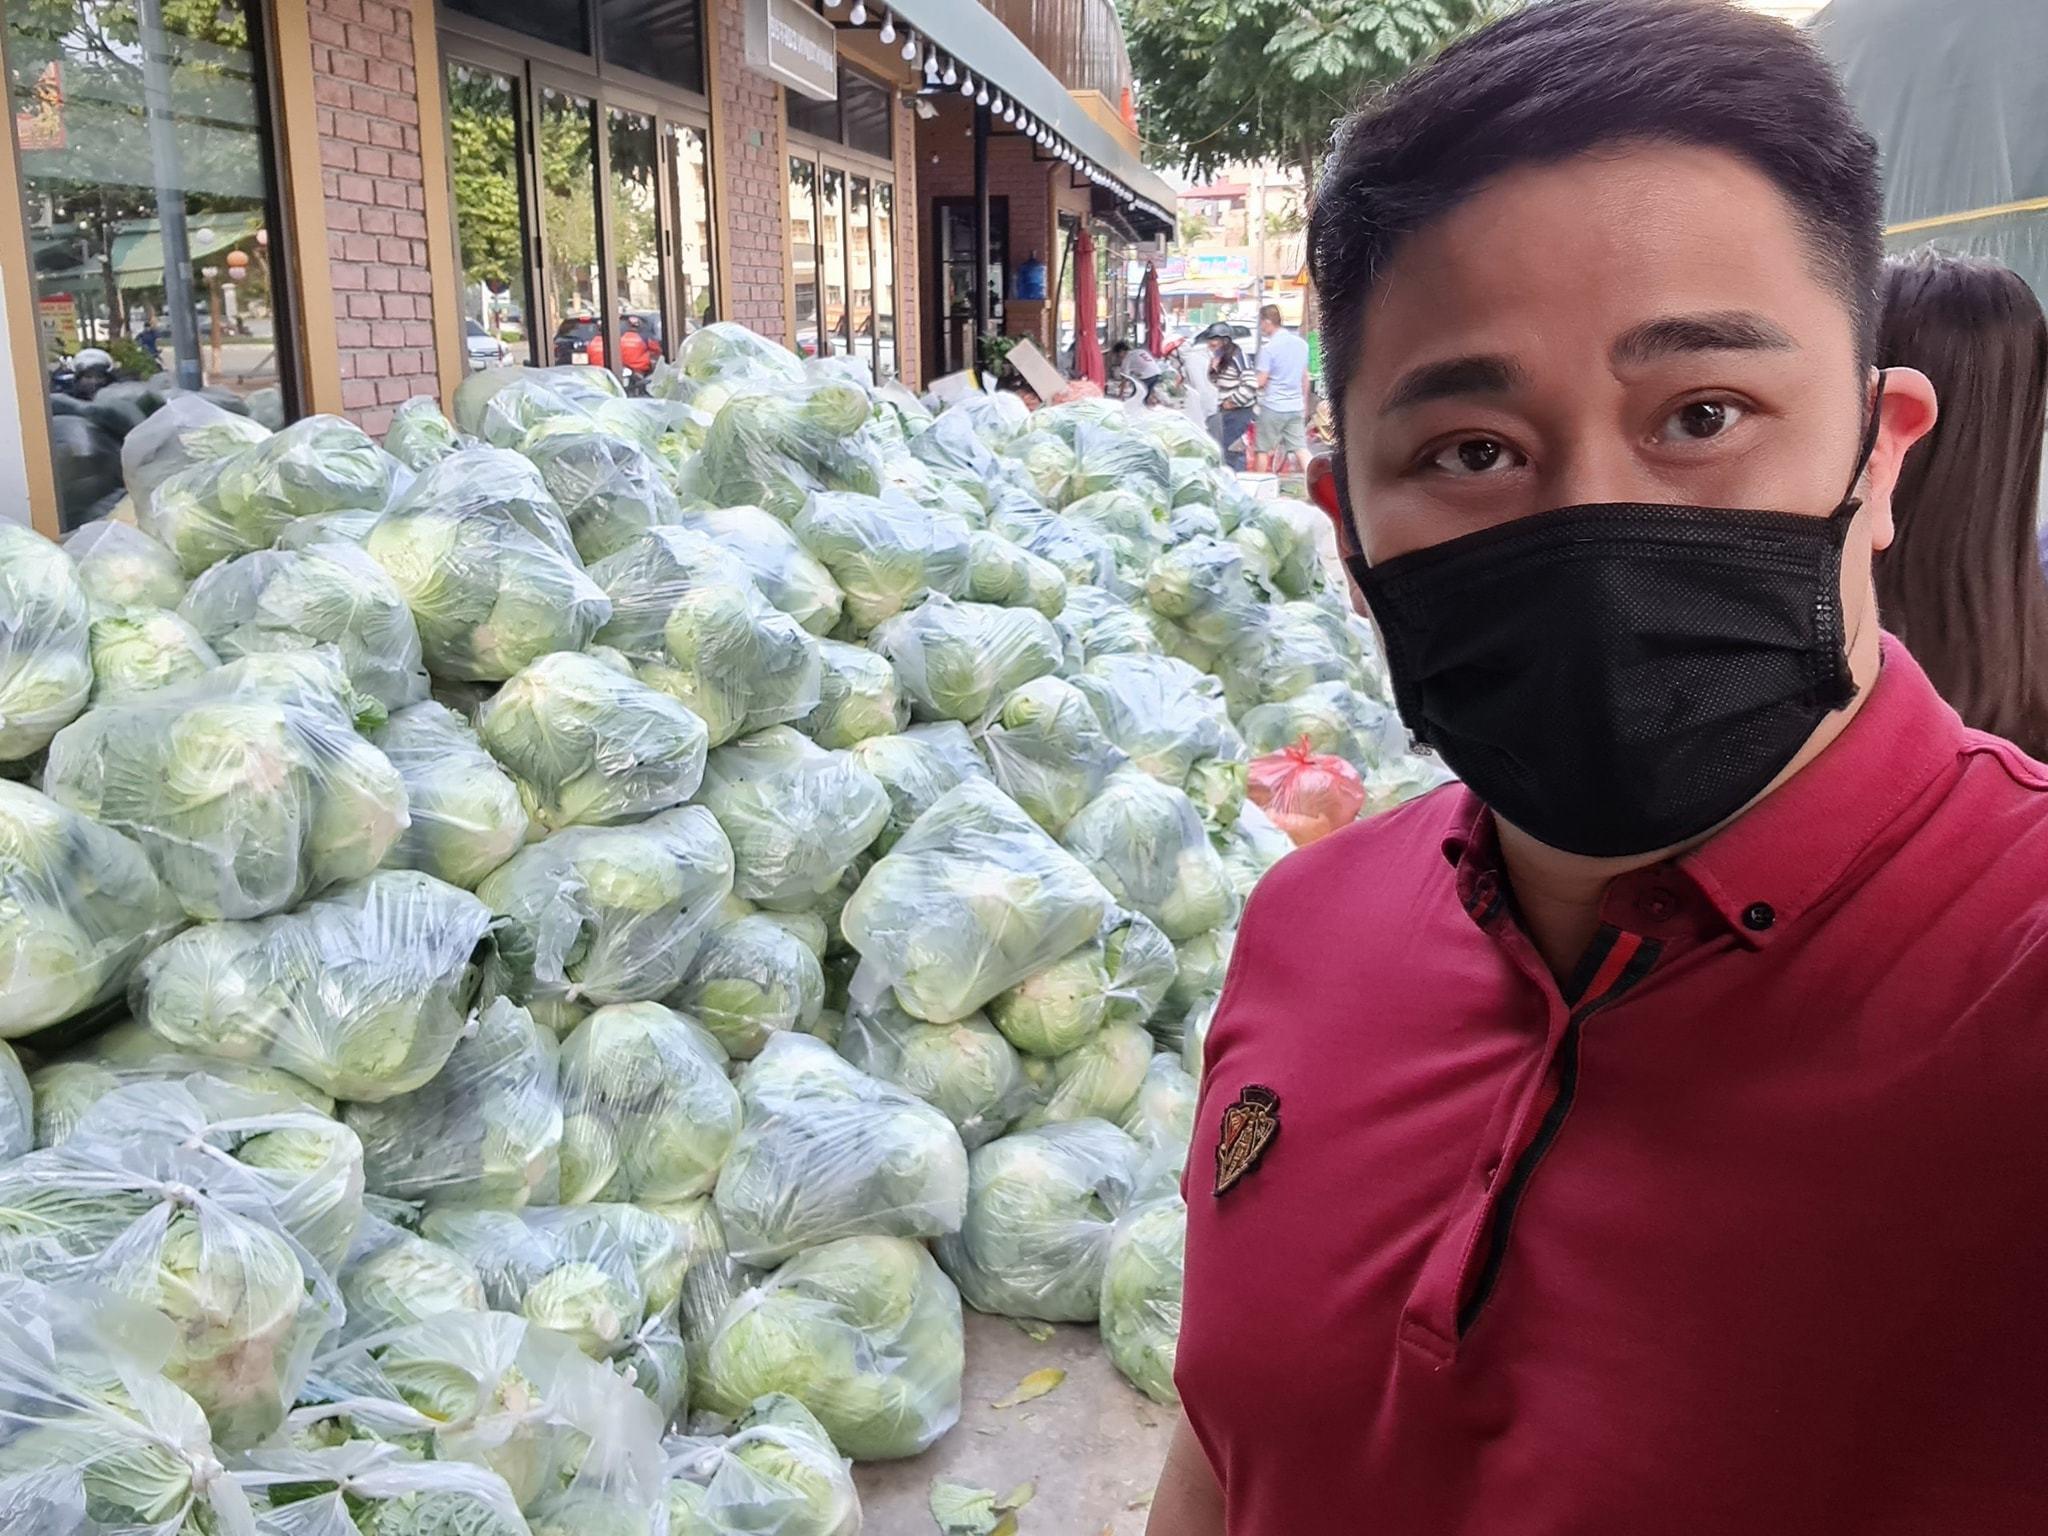 phut binh yen cua chi trung va ban gai kem 17 tuoi o que 5 Sao Việt hôm nay 25/2: Phút bình yên của Chí Trung và bạn gái ở quê